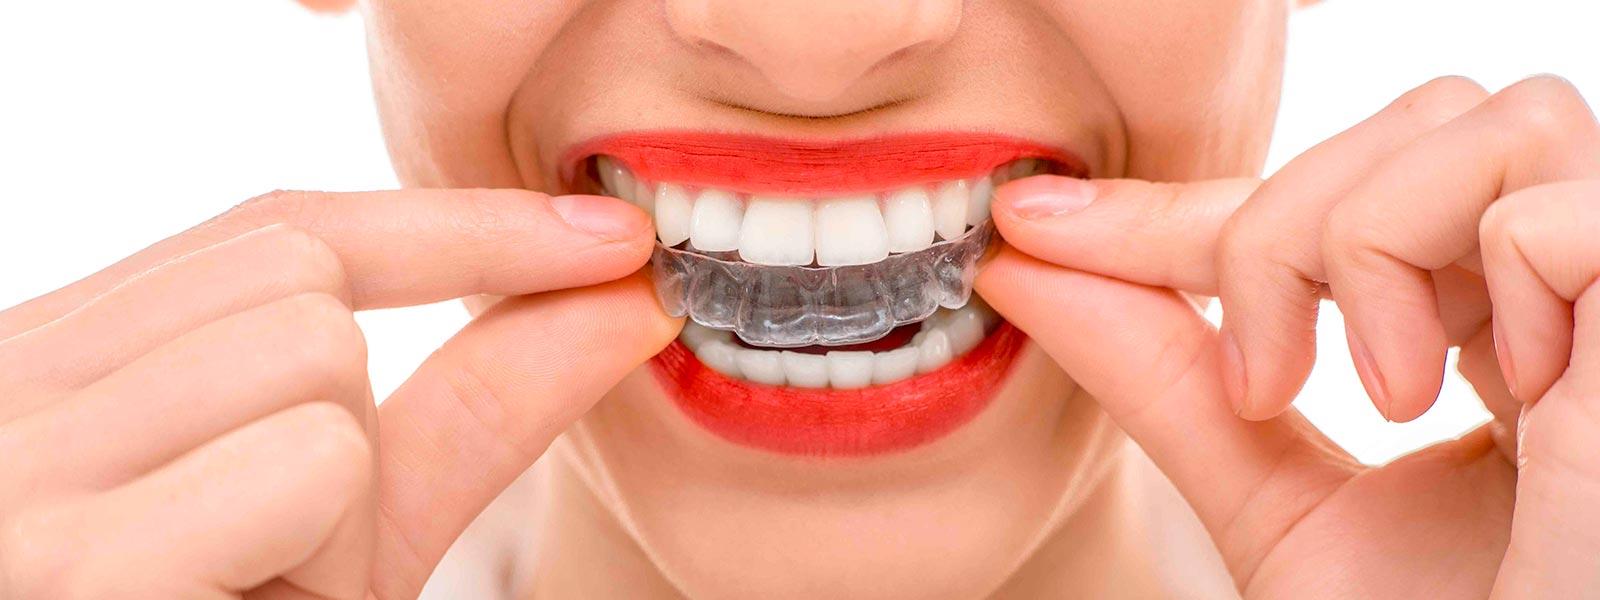 Ristabilire la corretta funziona della bocca